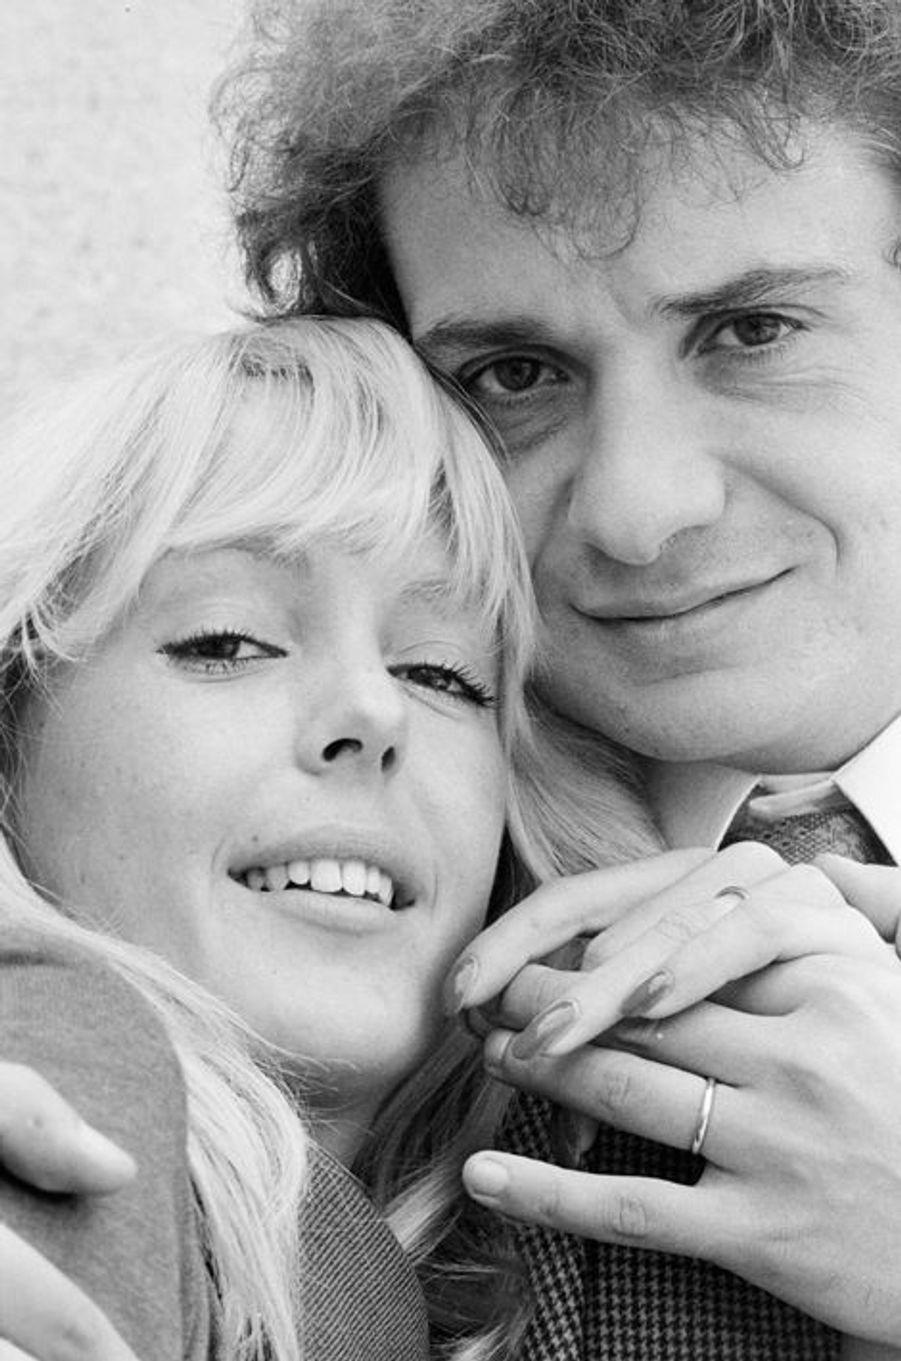 Michel Sardou et Babette dans un hôtel particulier de Neuilly-sur-Seine à l'occasion de leur futur mariage, 4 octobre 1977